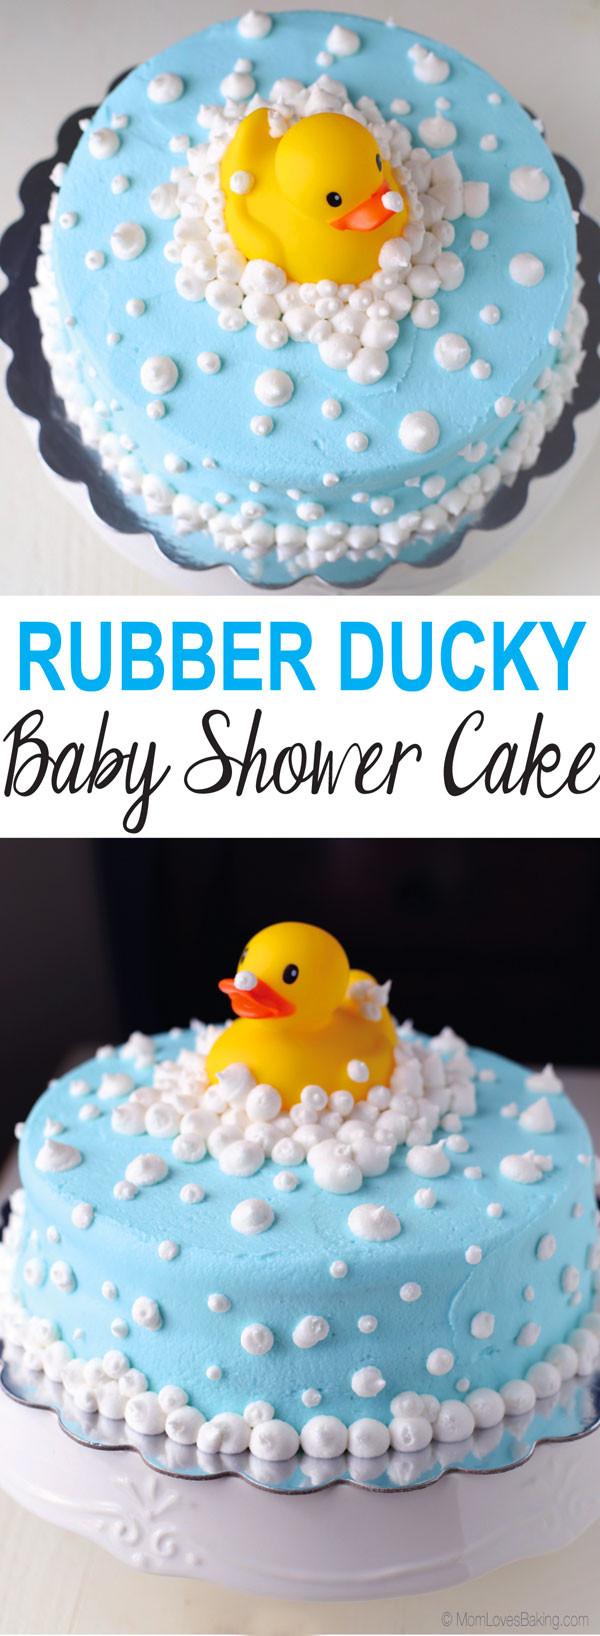 Baby Shower Cake Recipe  Rubber Ducky Baby Shower Cake Mom Loves Baking